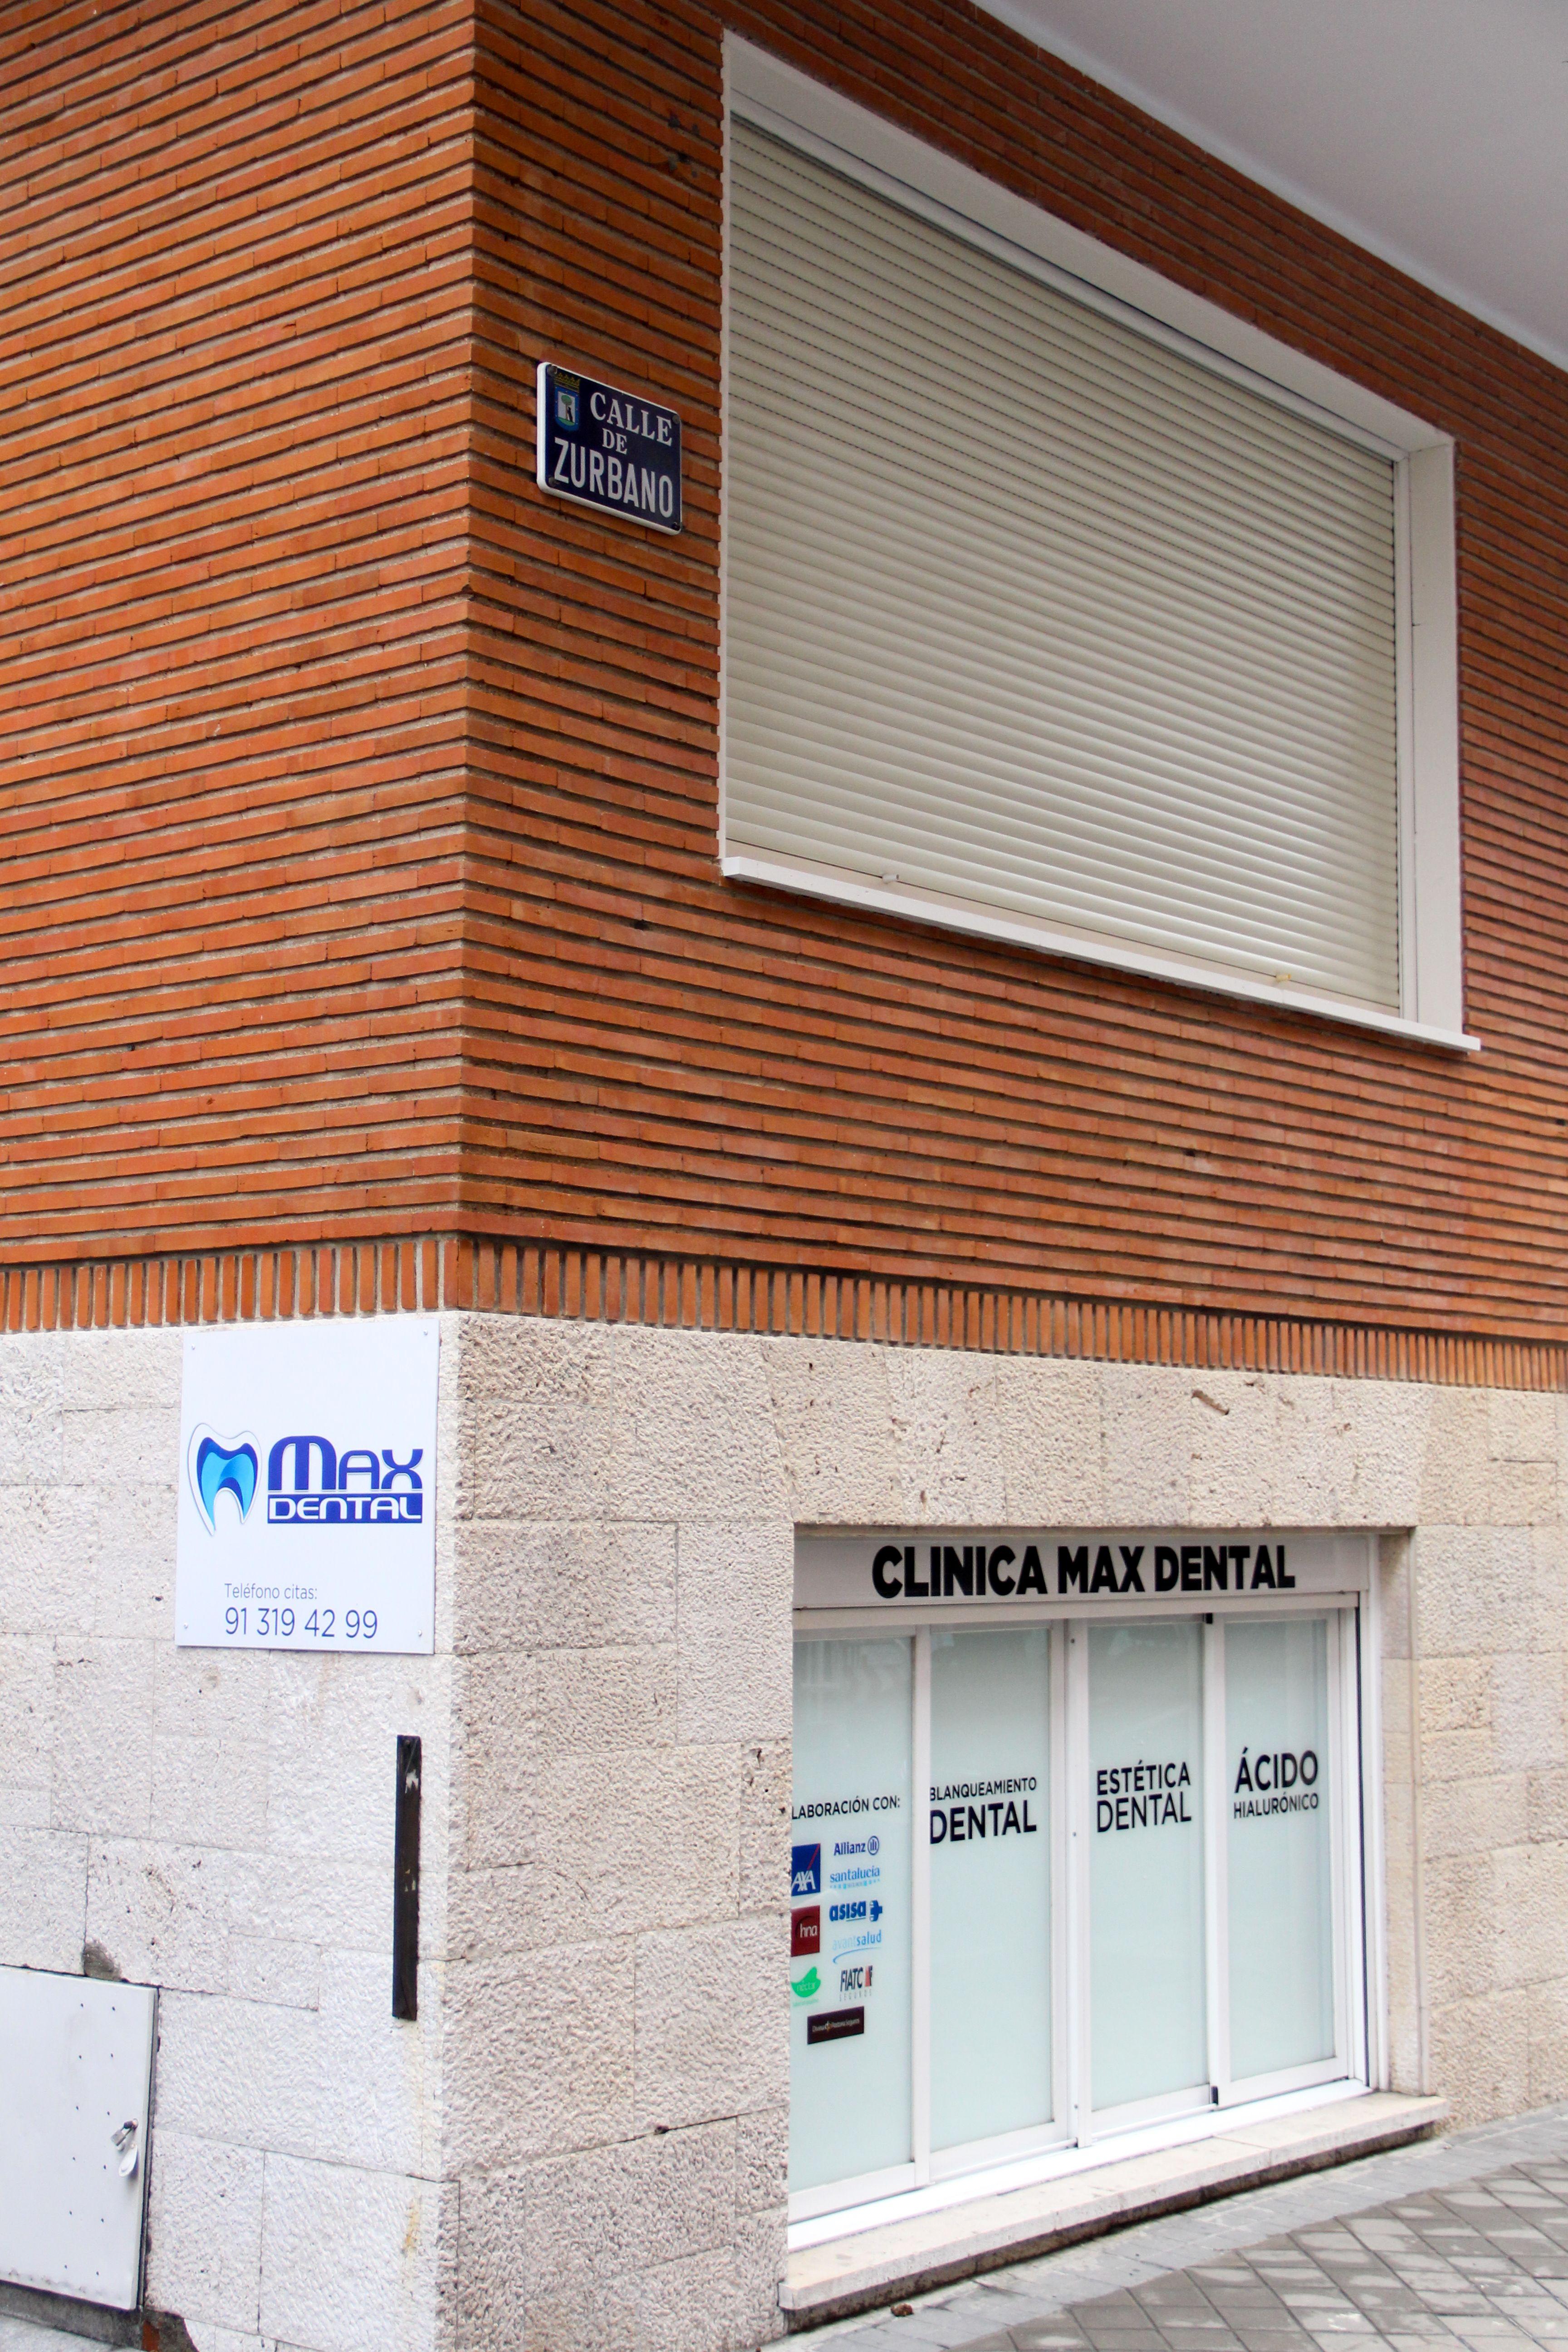 Clínica dental en Madrid centro, Max Dental